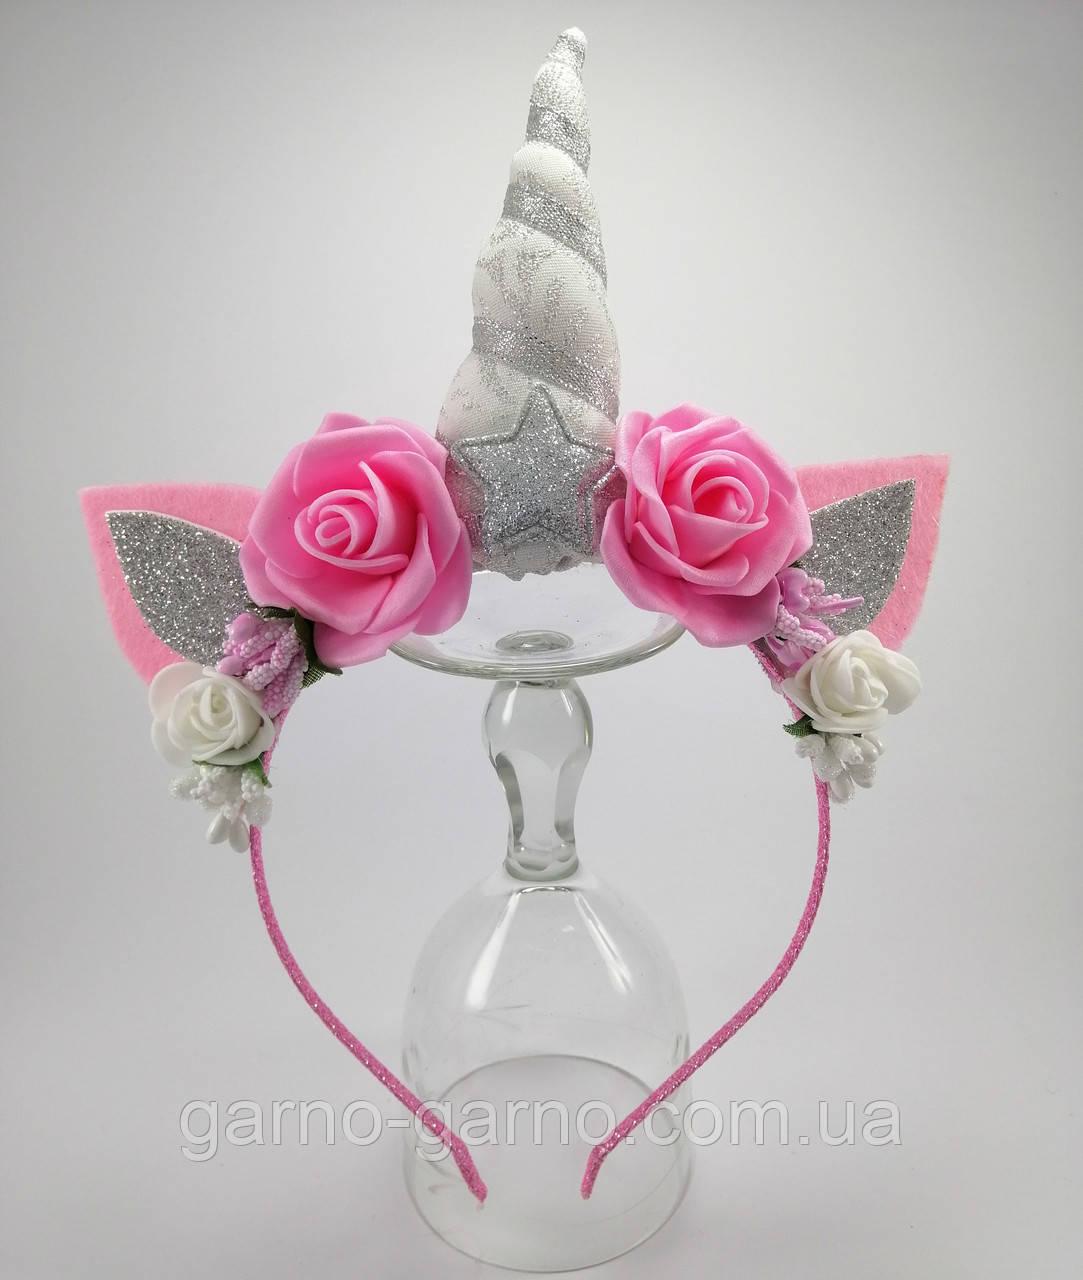 Обруч Єдиноріг Прикраса для волосся рожевий срібло